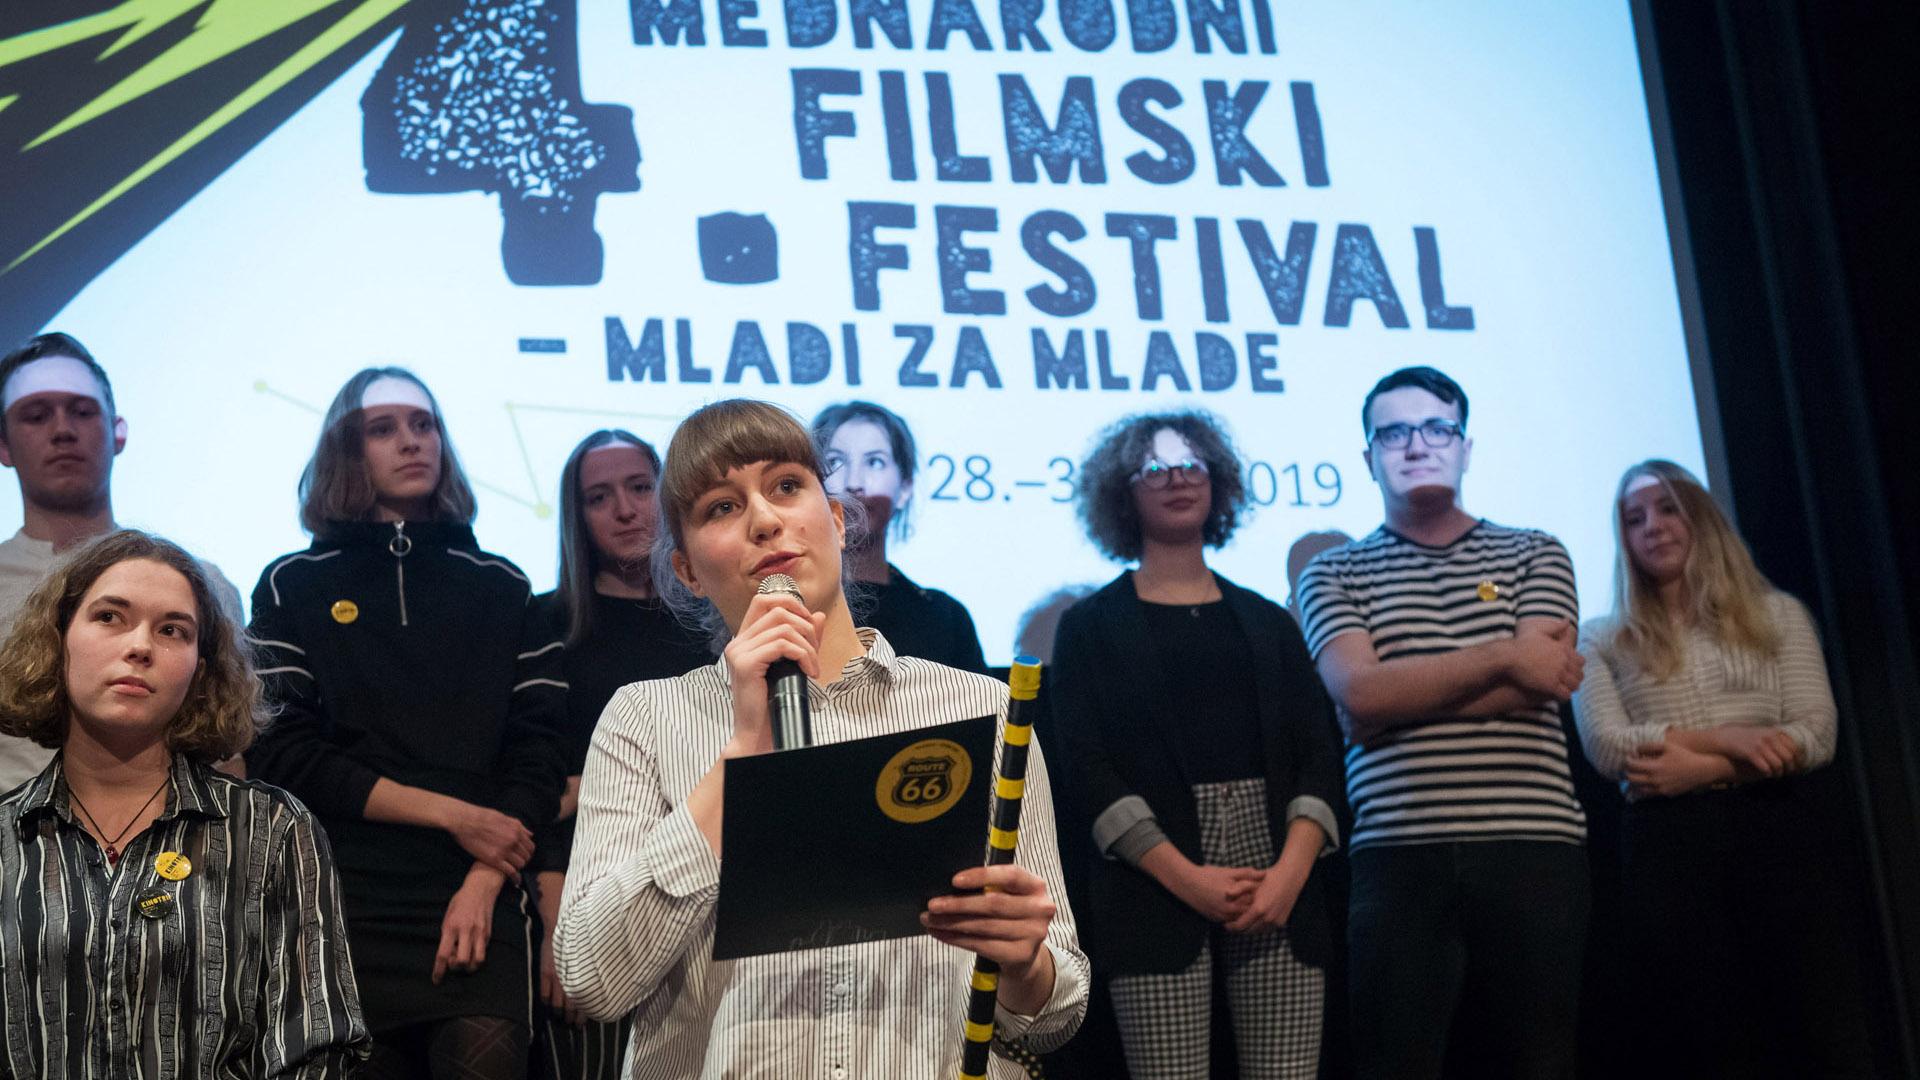 Mladi ponovno zavzemajo Kinodvor s 4. filmskim festivalom Kinotrip